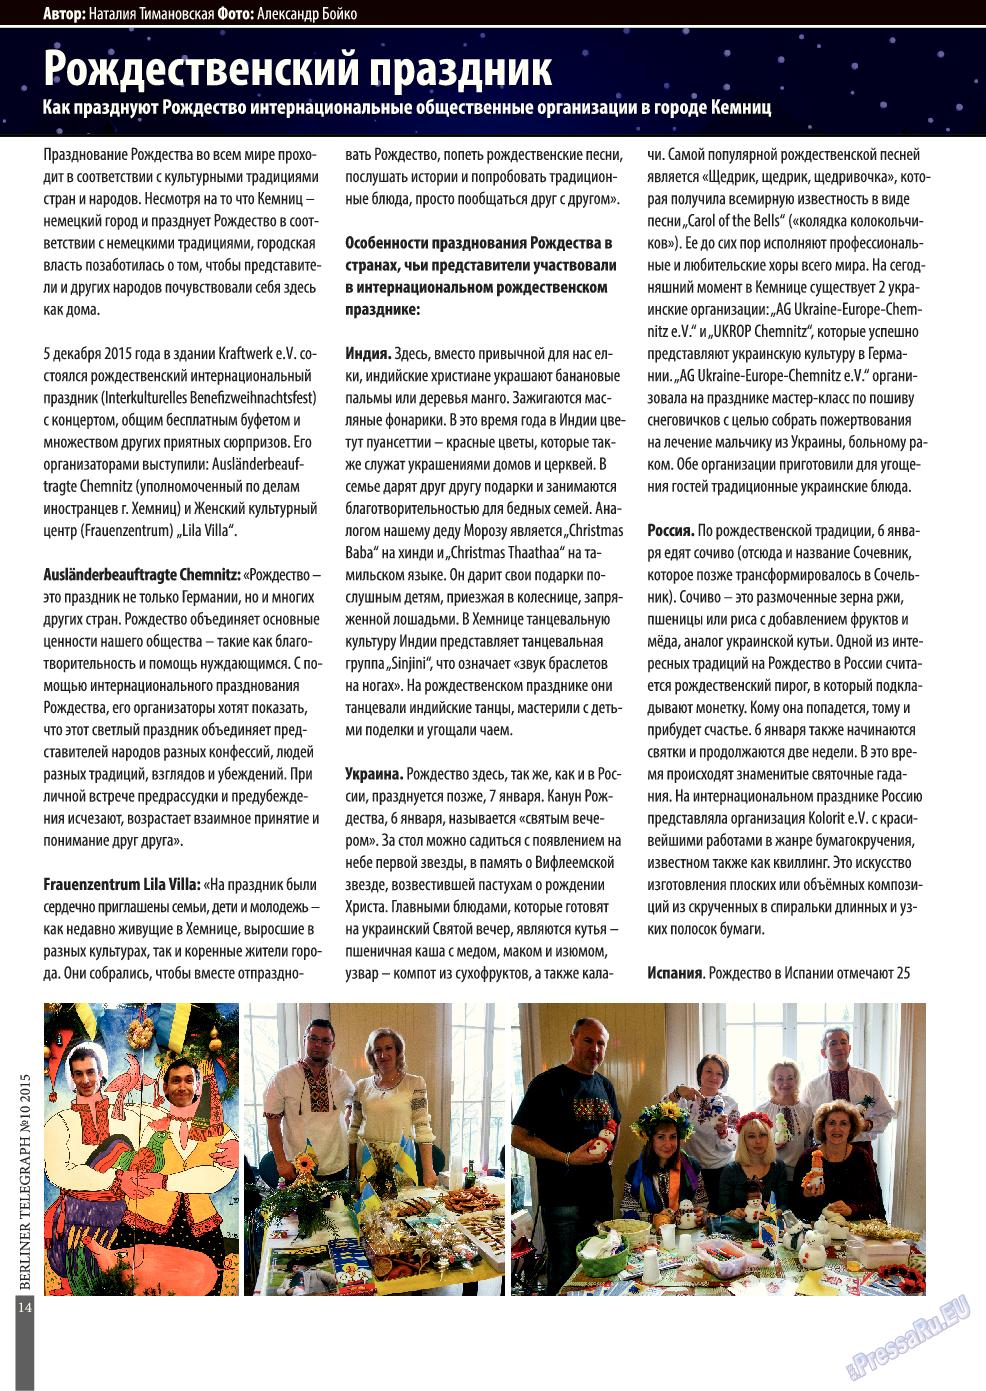 Берлинский телеграф (журнал). 2015 год, номер 11, стр. 14